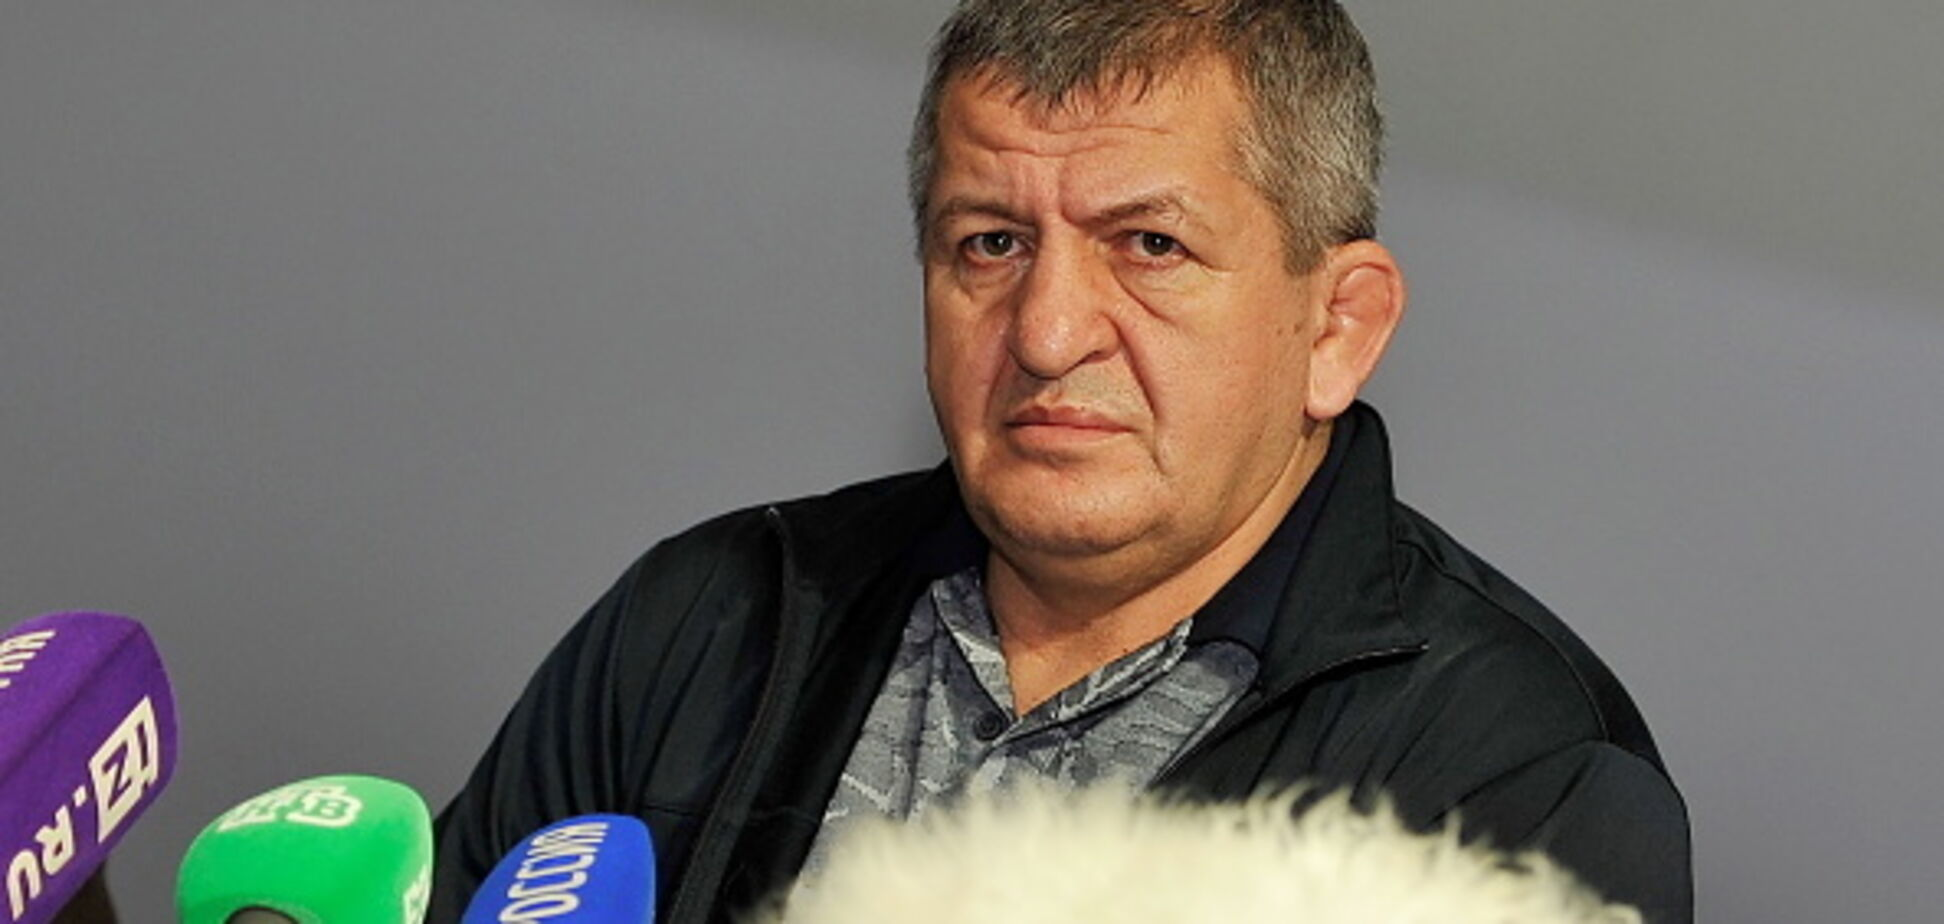 После слов об Украине: у Хабиба ответили про смену гражданства